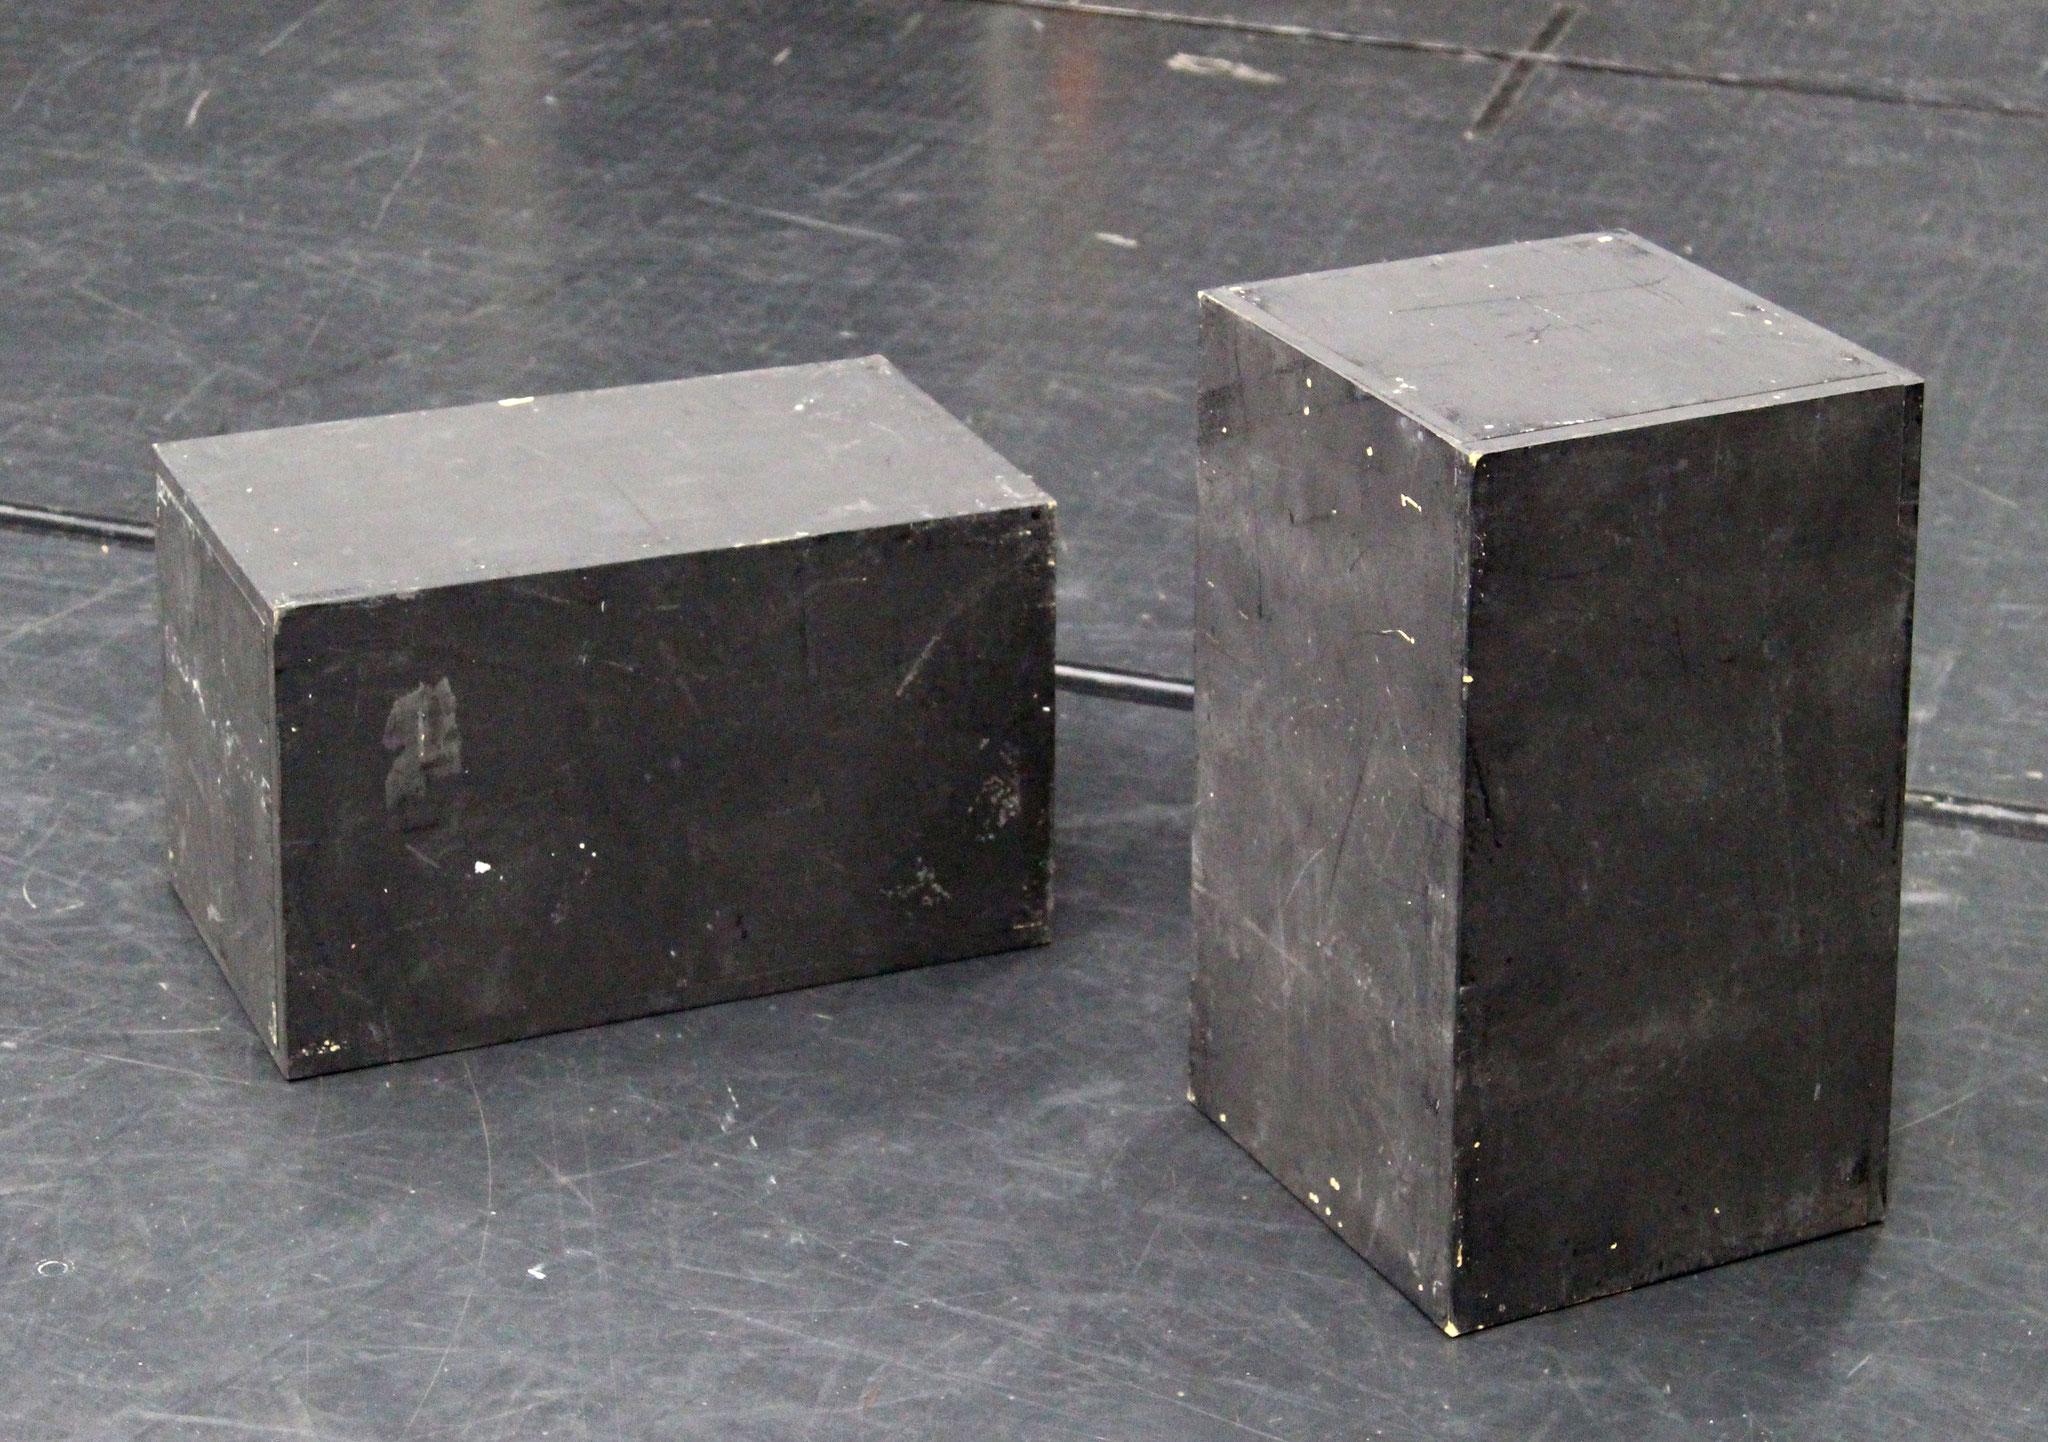 黒箱1尺×1尺×1.5尺 30個